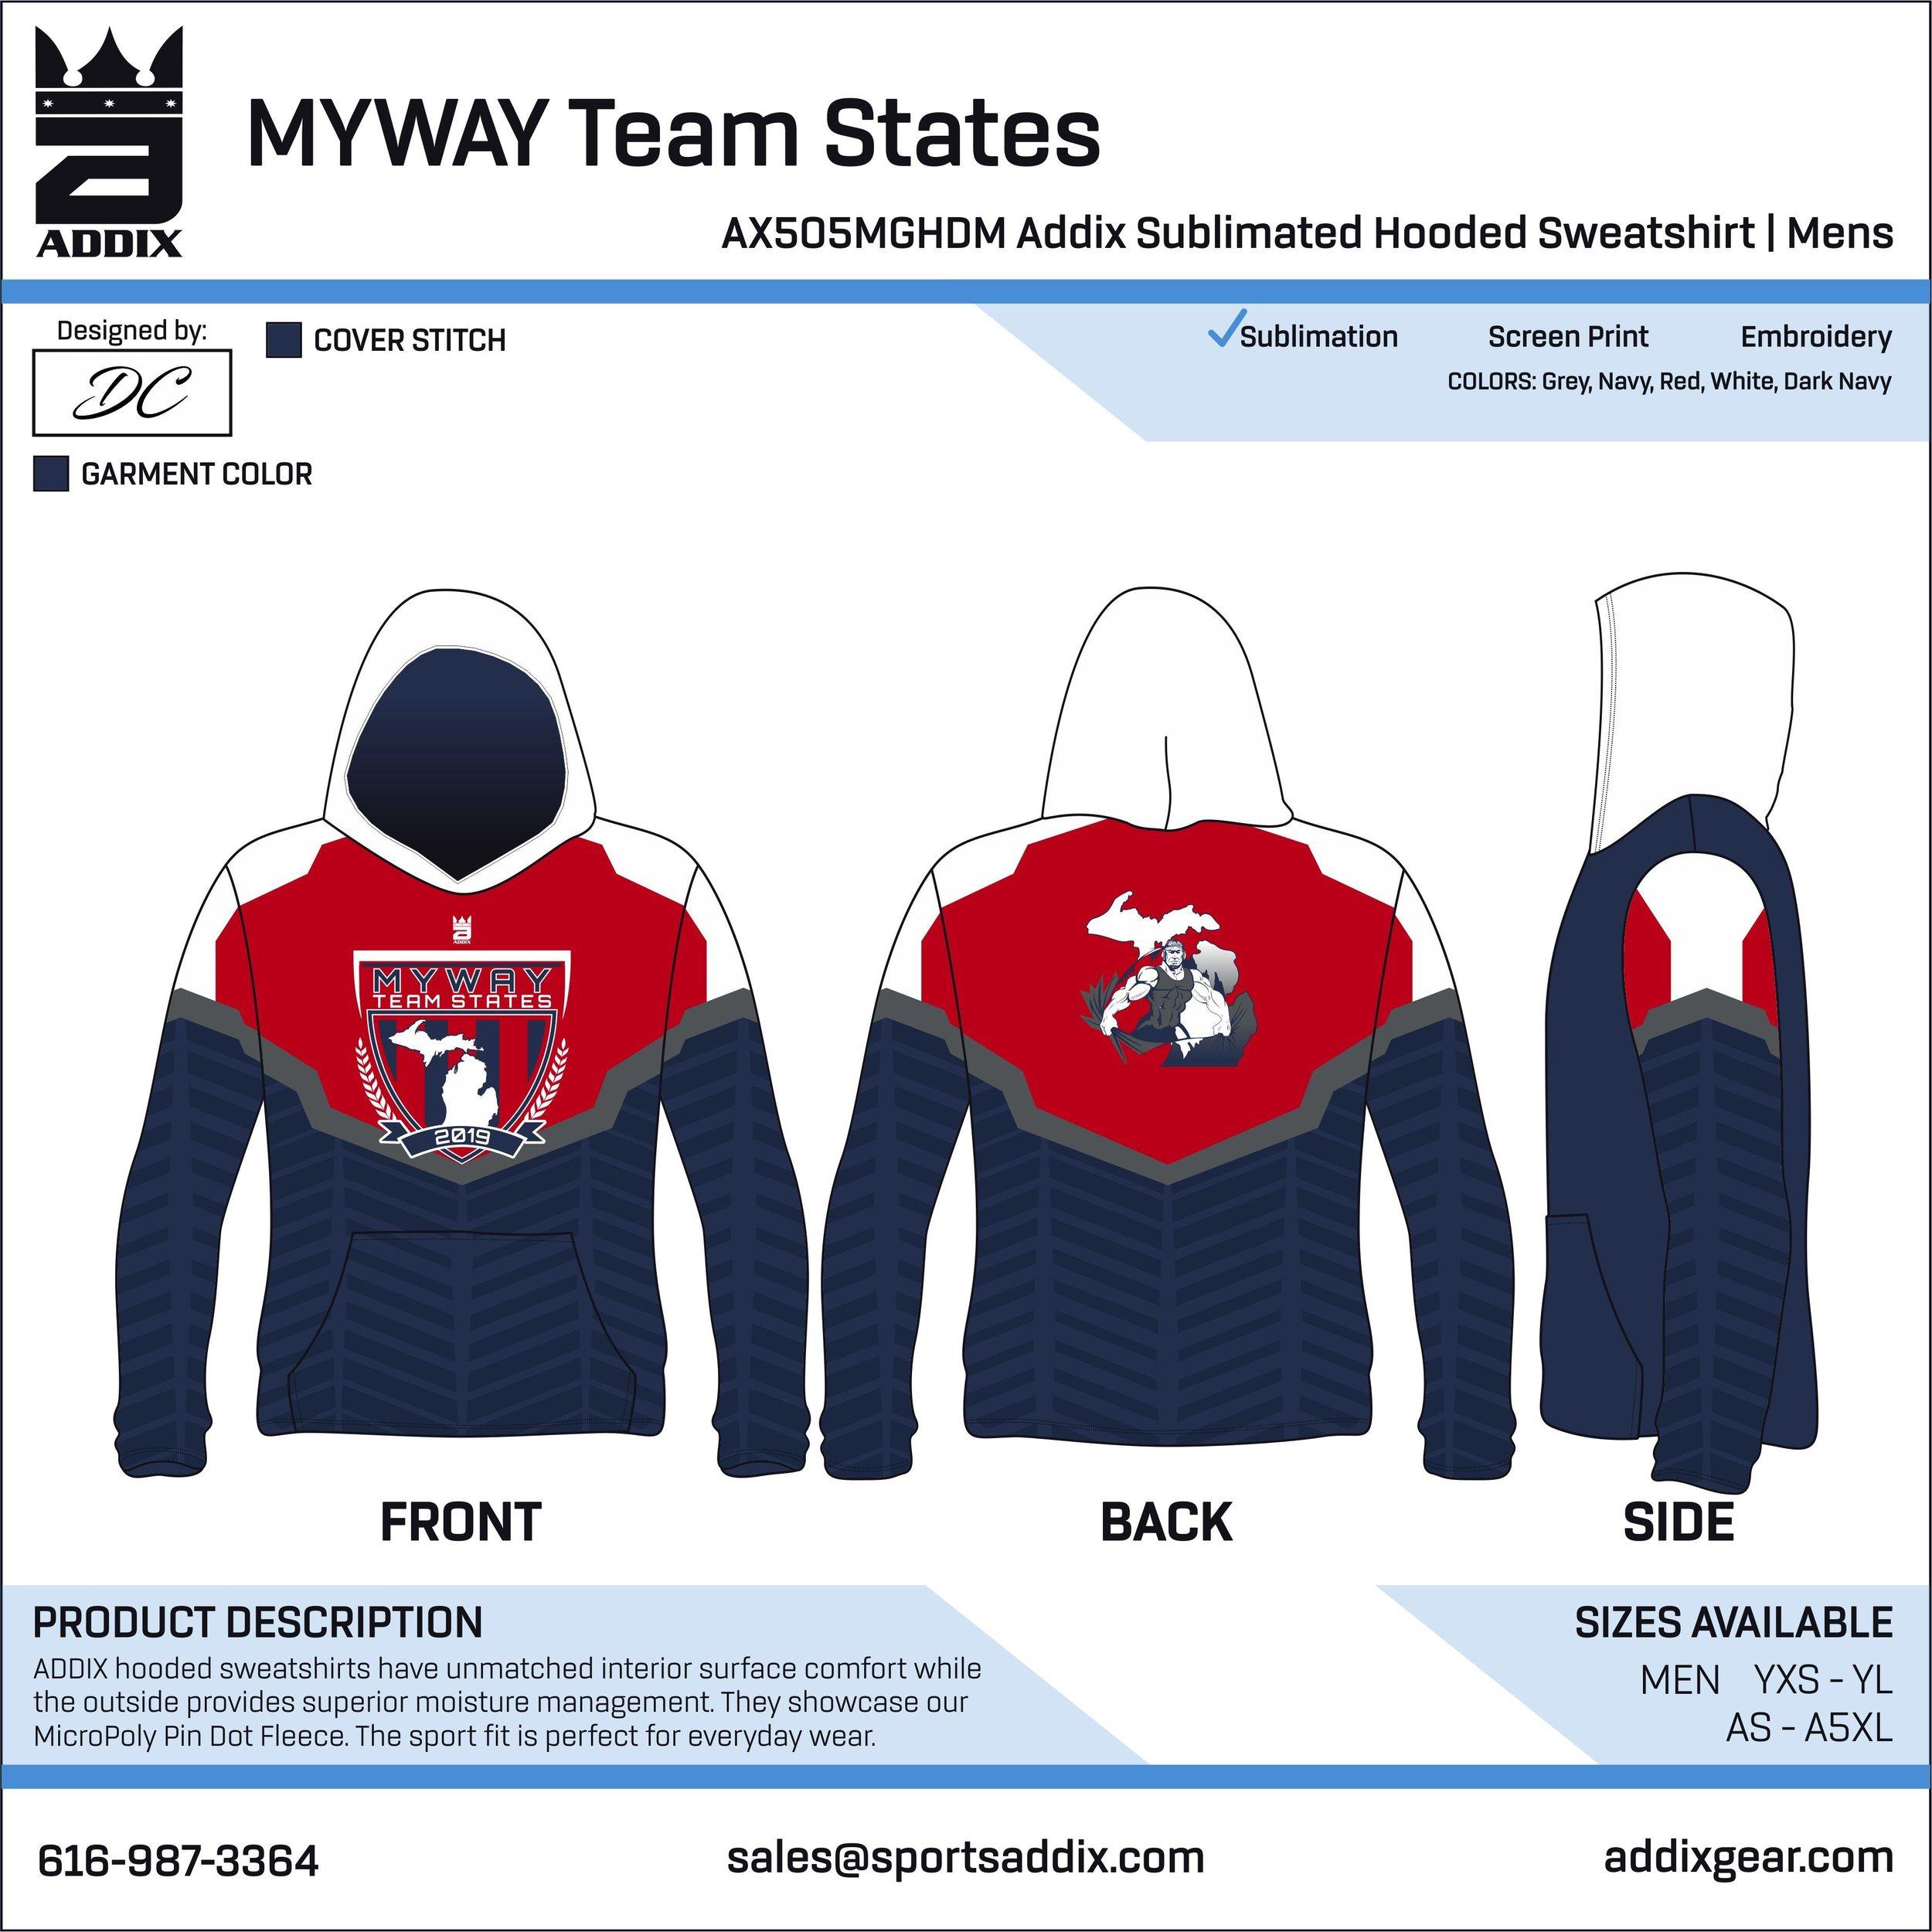 MYWAY Team States_2019_2-1_DC_FS Hoodie.jpg